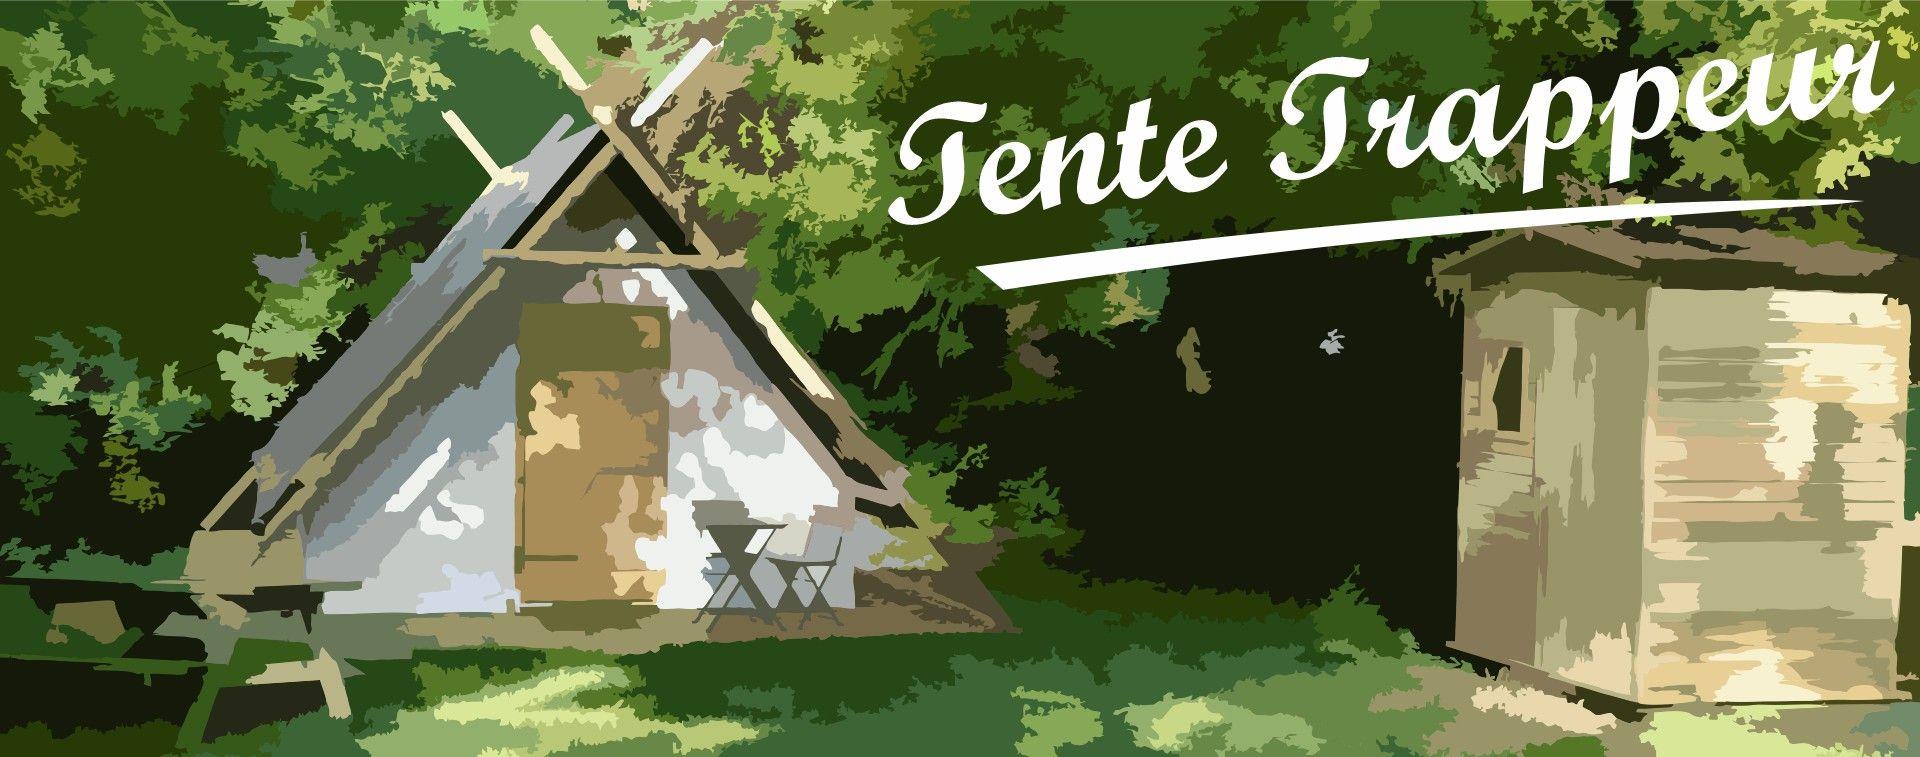 Herbegement Insolite Aude Tente Trappeur Bandeau